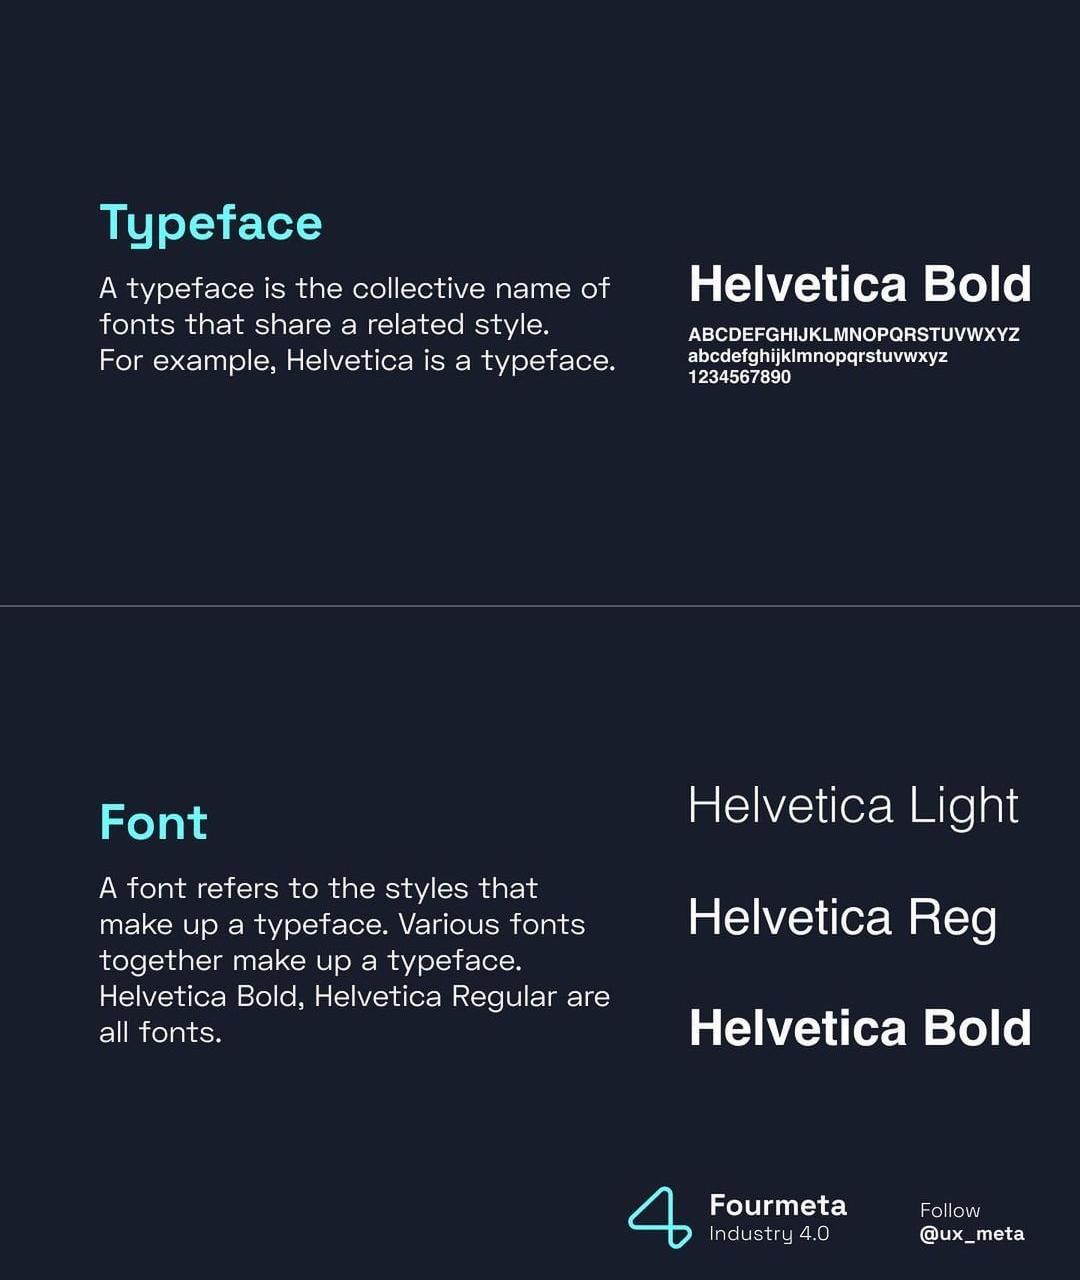 Typeface vs. Font - Design Terms Explained